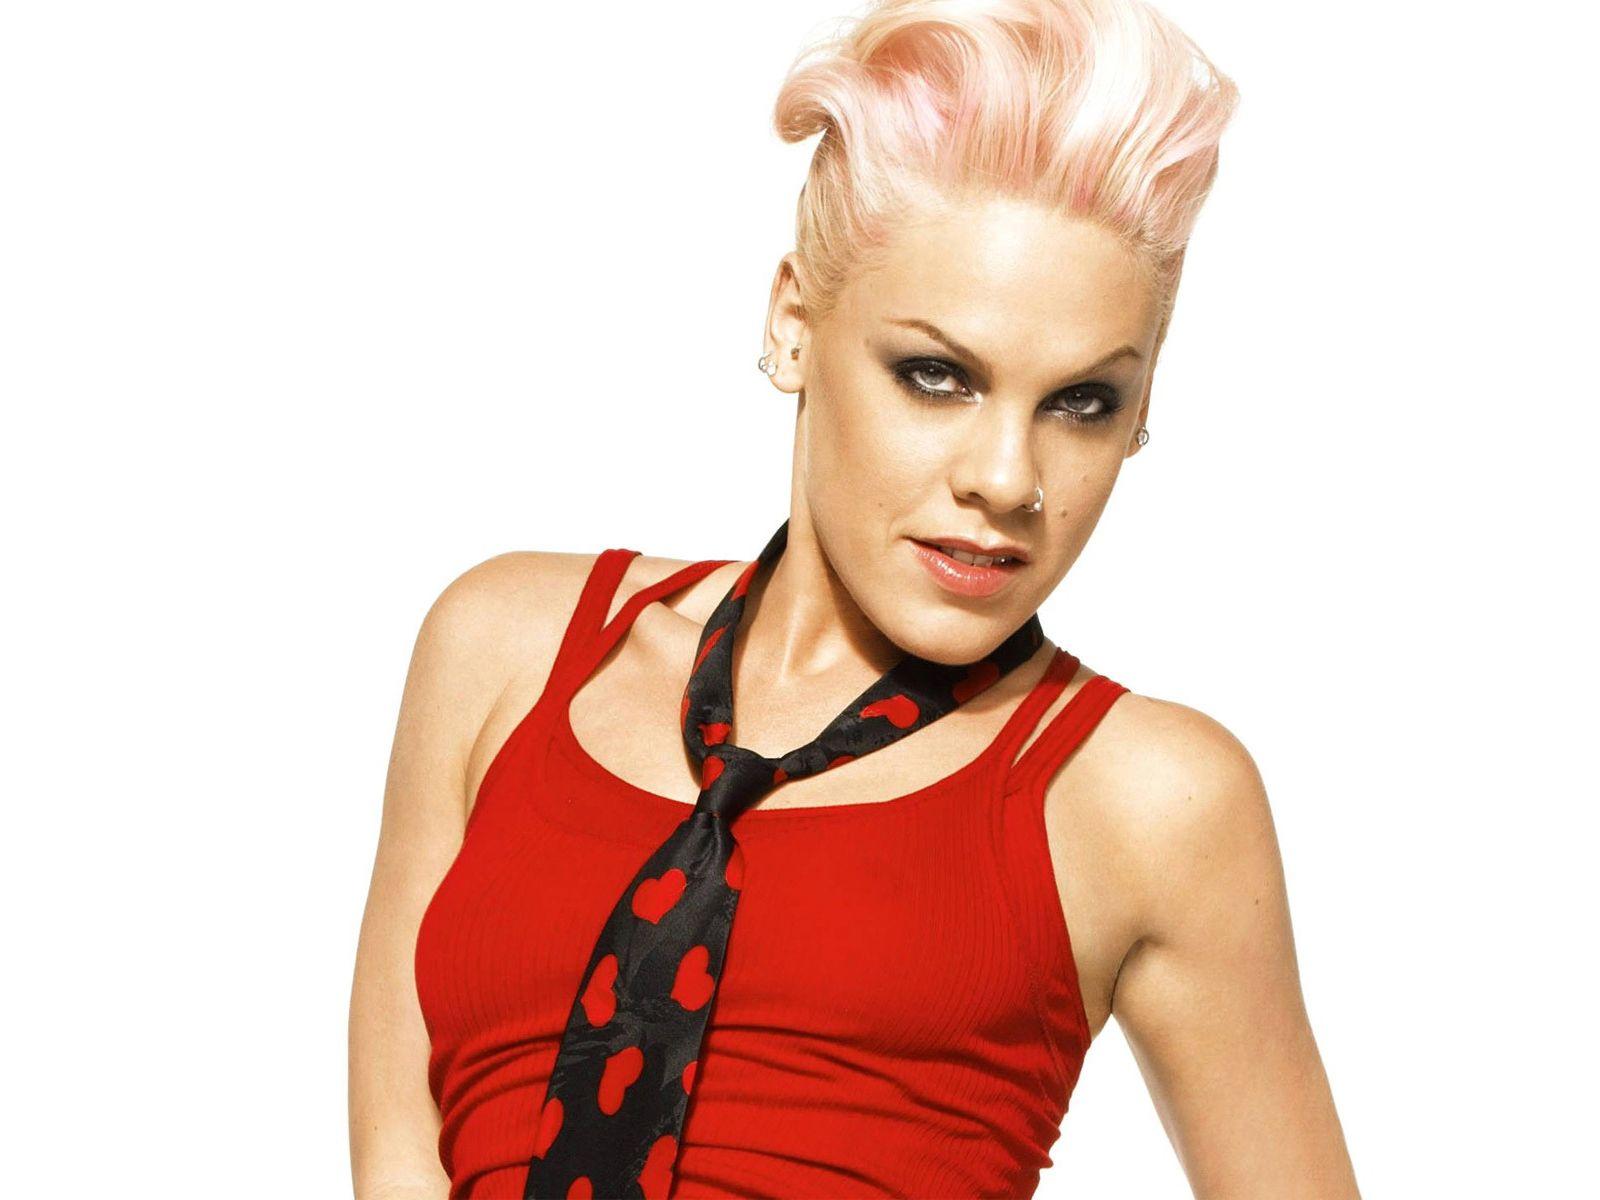 pink singer pink singer hd wallpaper 315324 pink